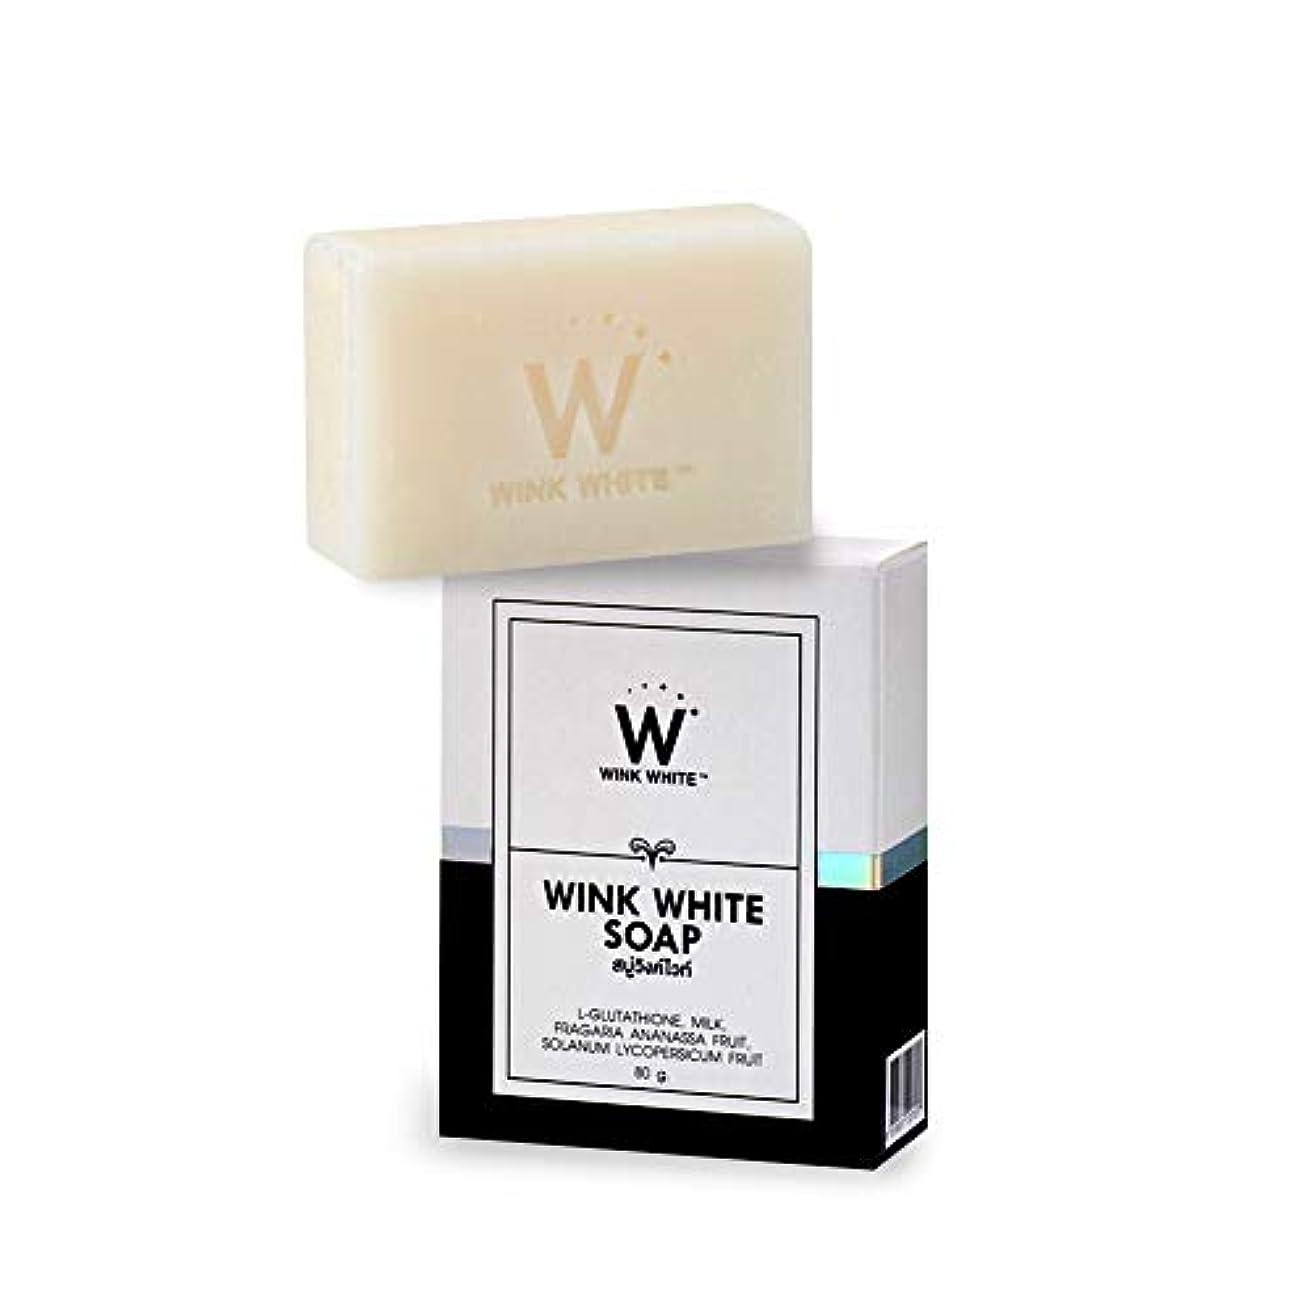 回る計器聞くMangos Teen White Soap Base Wink White Soap Gluta Pure Skin Body Whitening Strawberry for Whitening Skin All Natural...